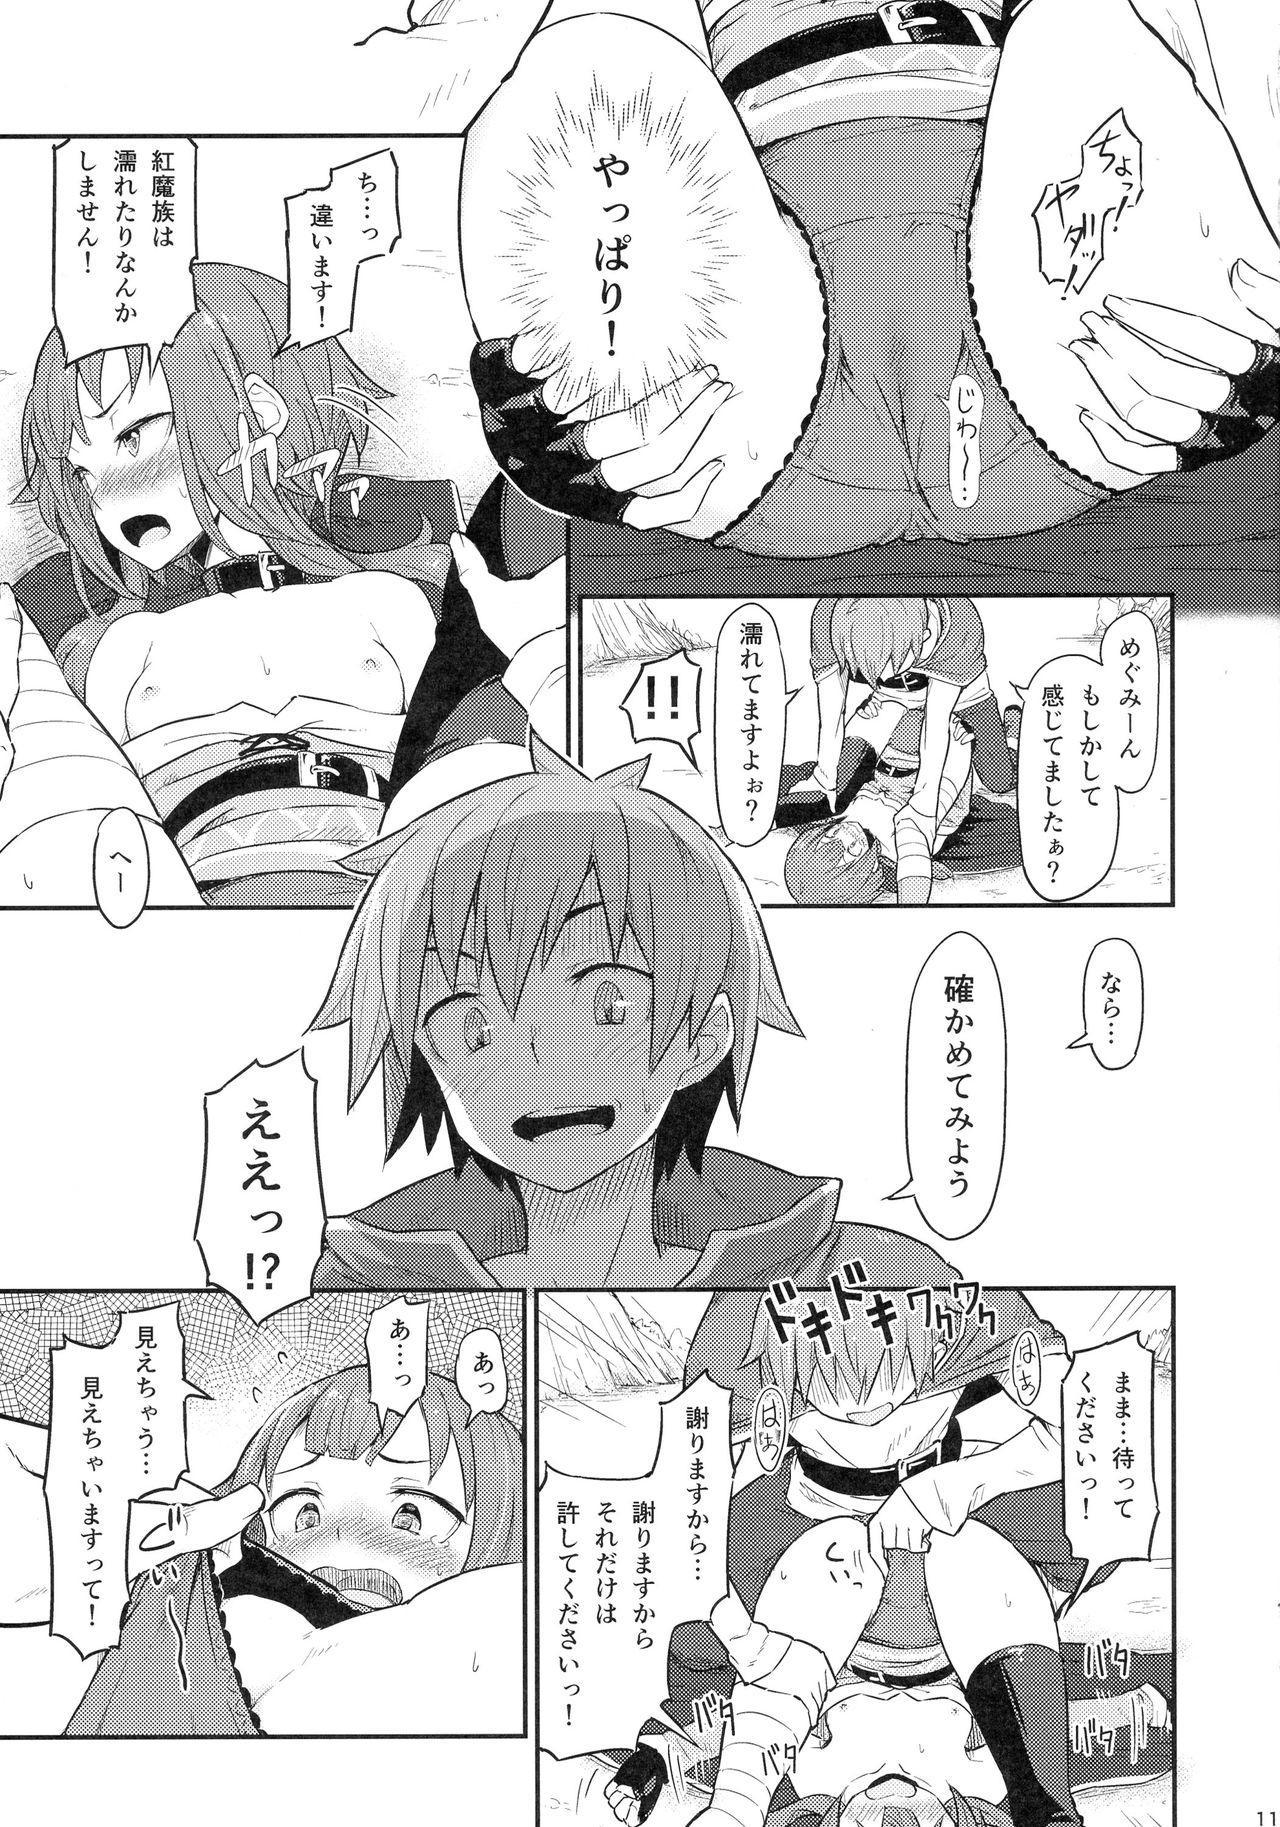 Kono Bakuretsudou ni Gohoubi o! 12